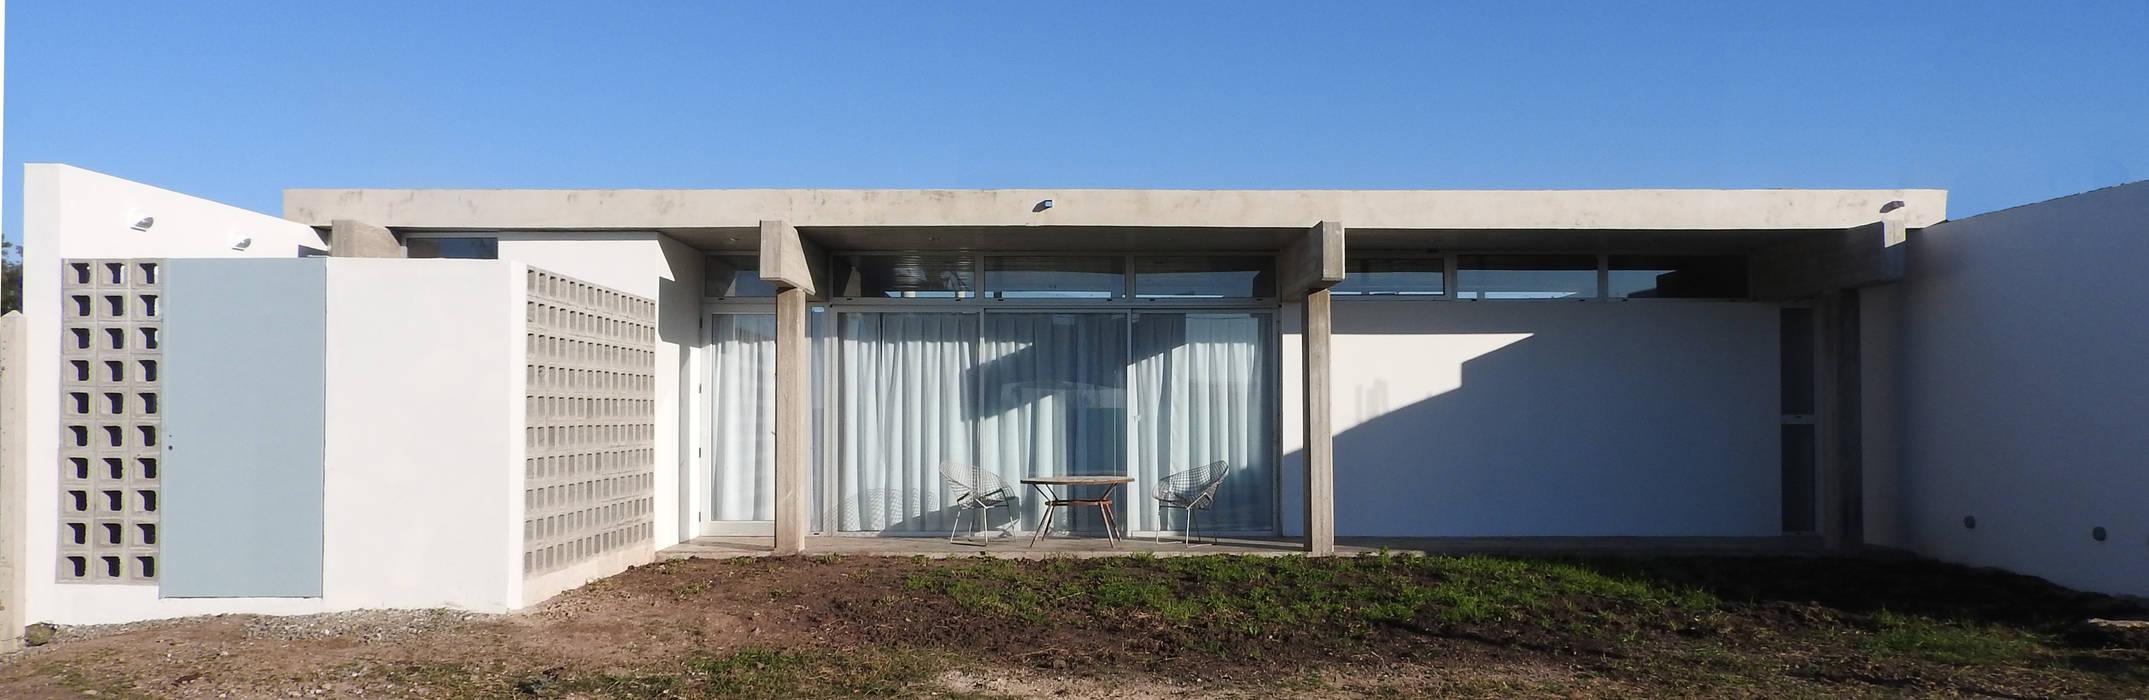 Rumah oleh riverorolnyarquitectos, Modern